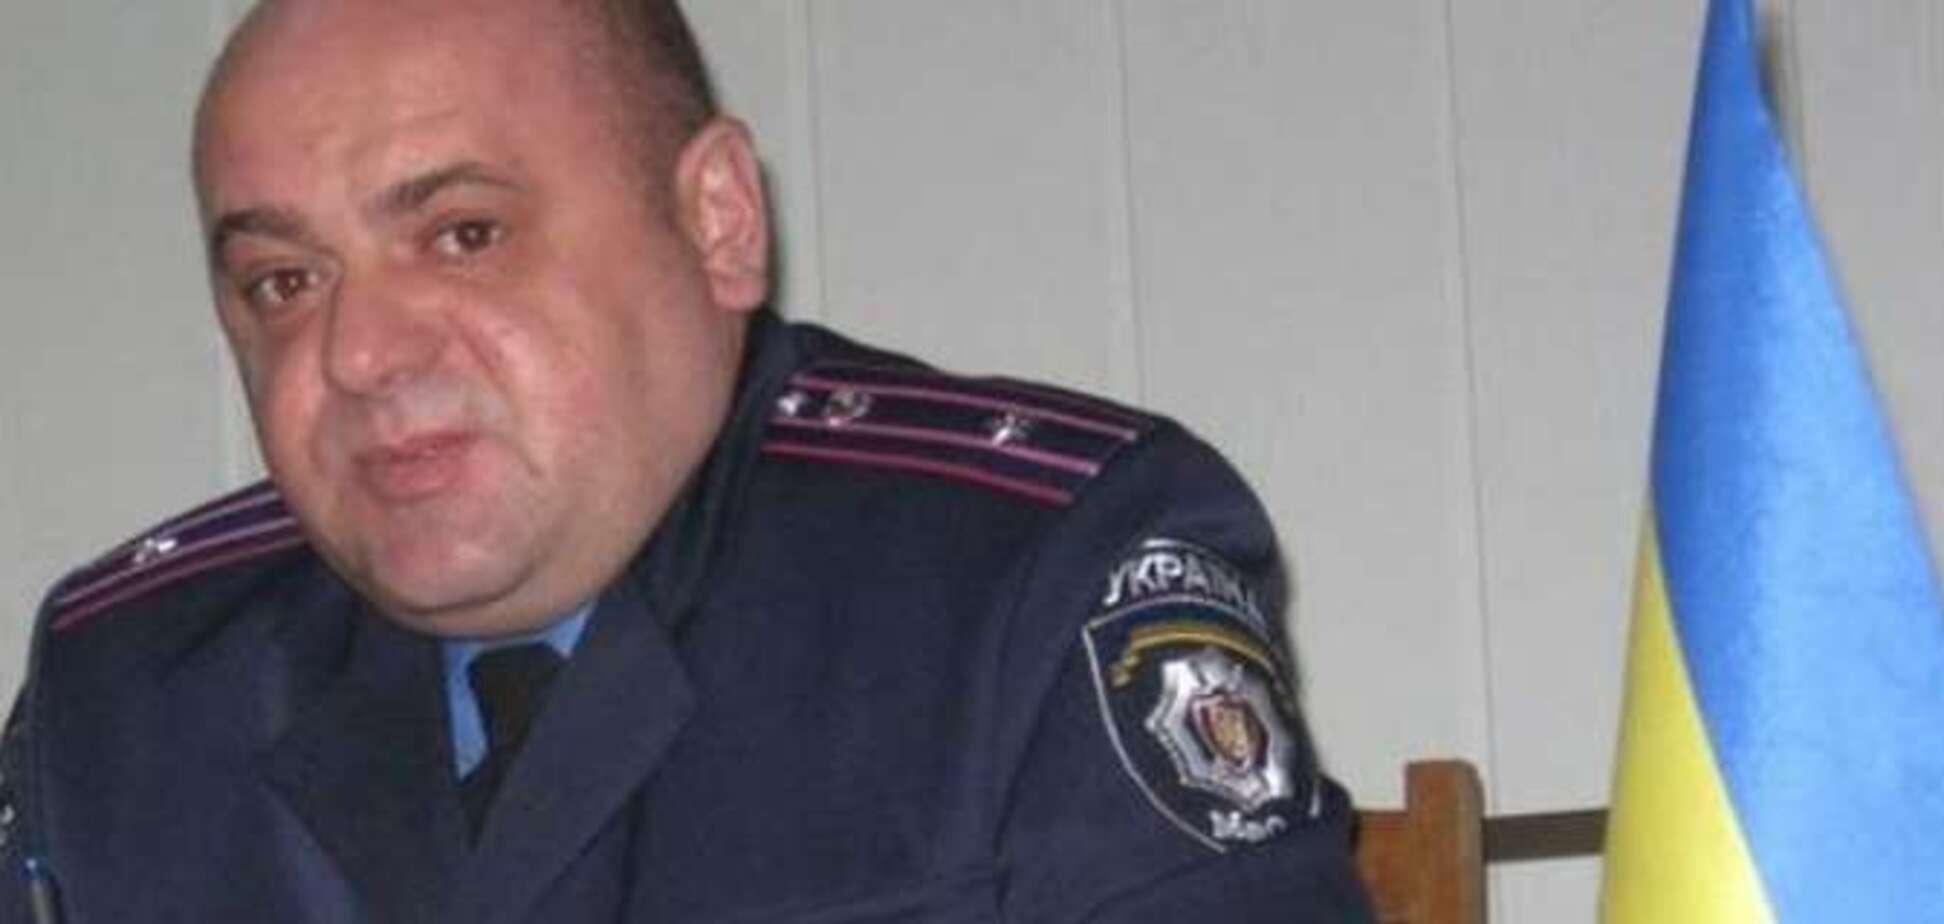 Знайшли повішеним на гачку: з'явилися нові деталі про главу поліції на Херсонщині